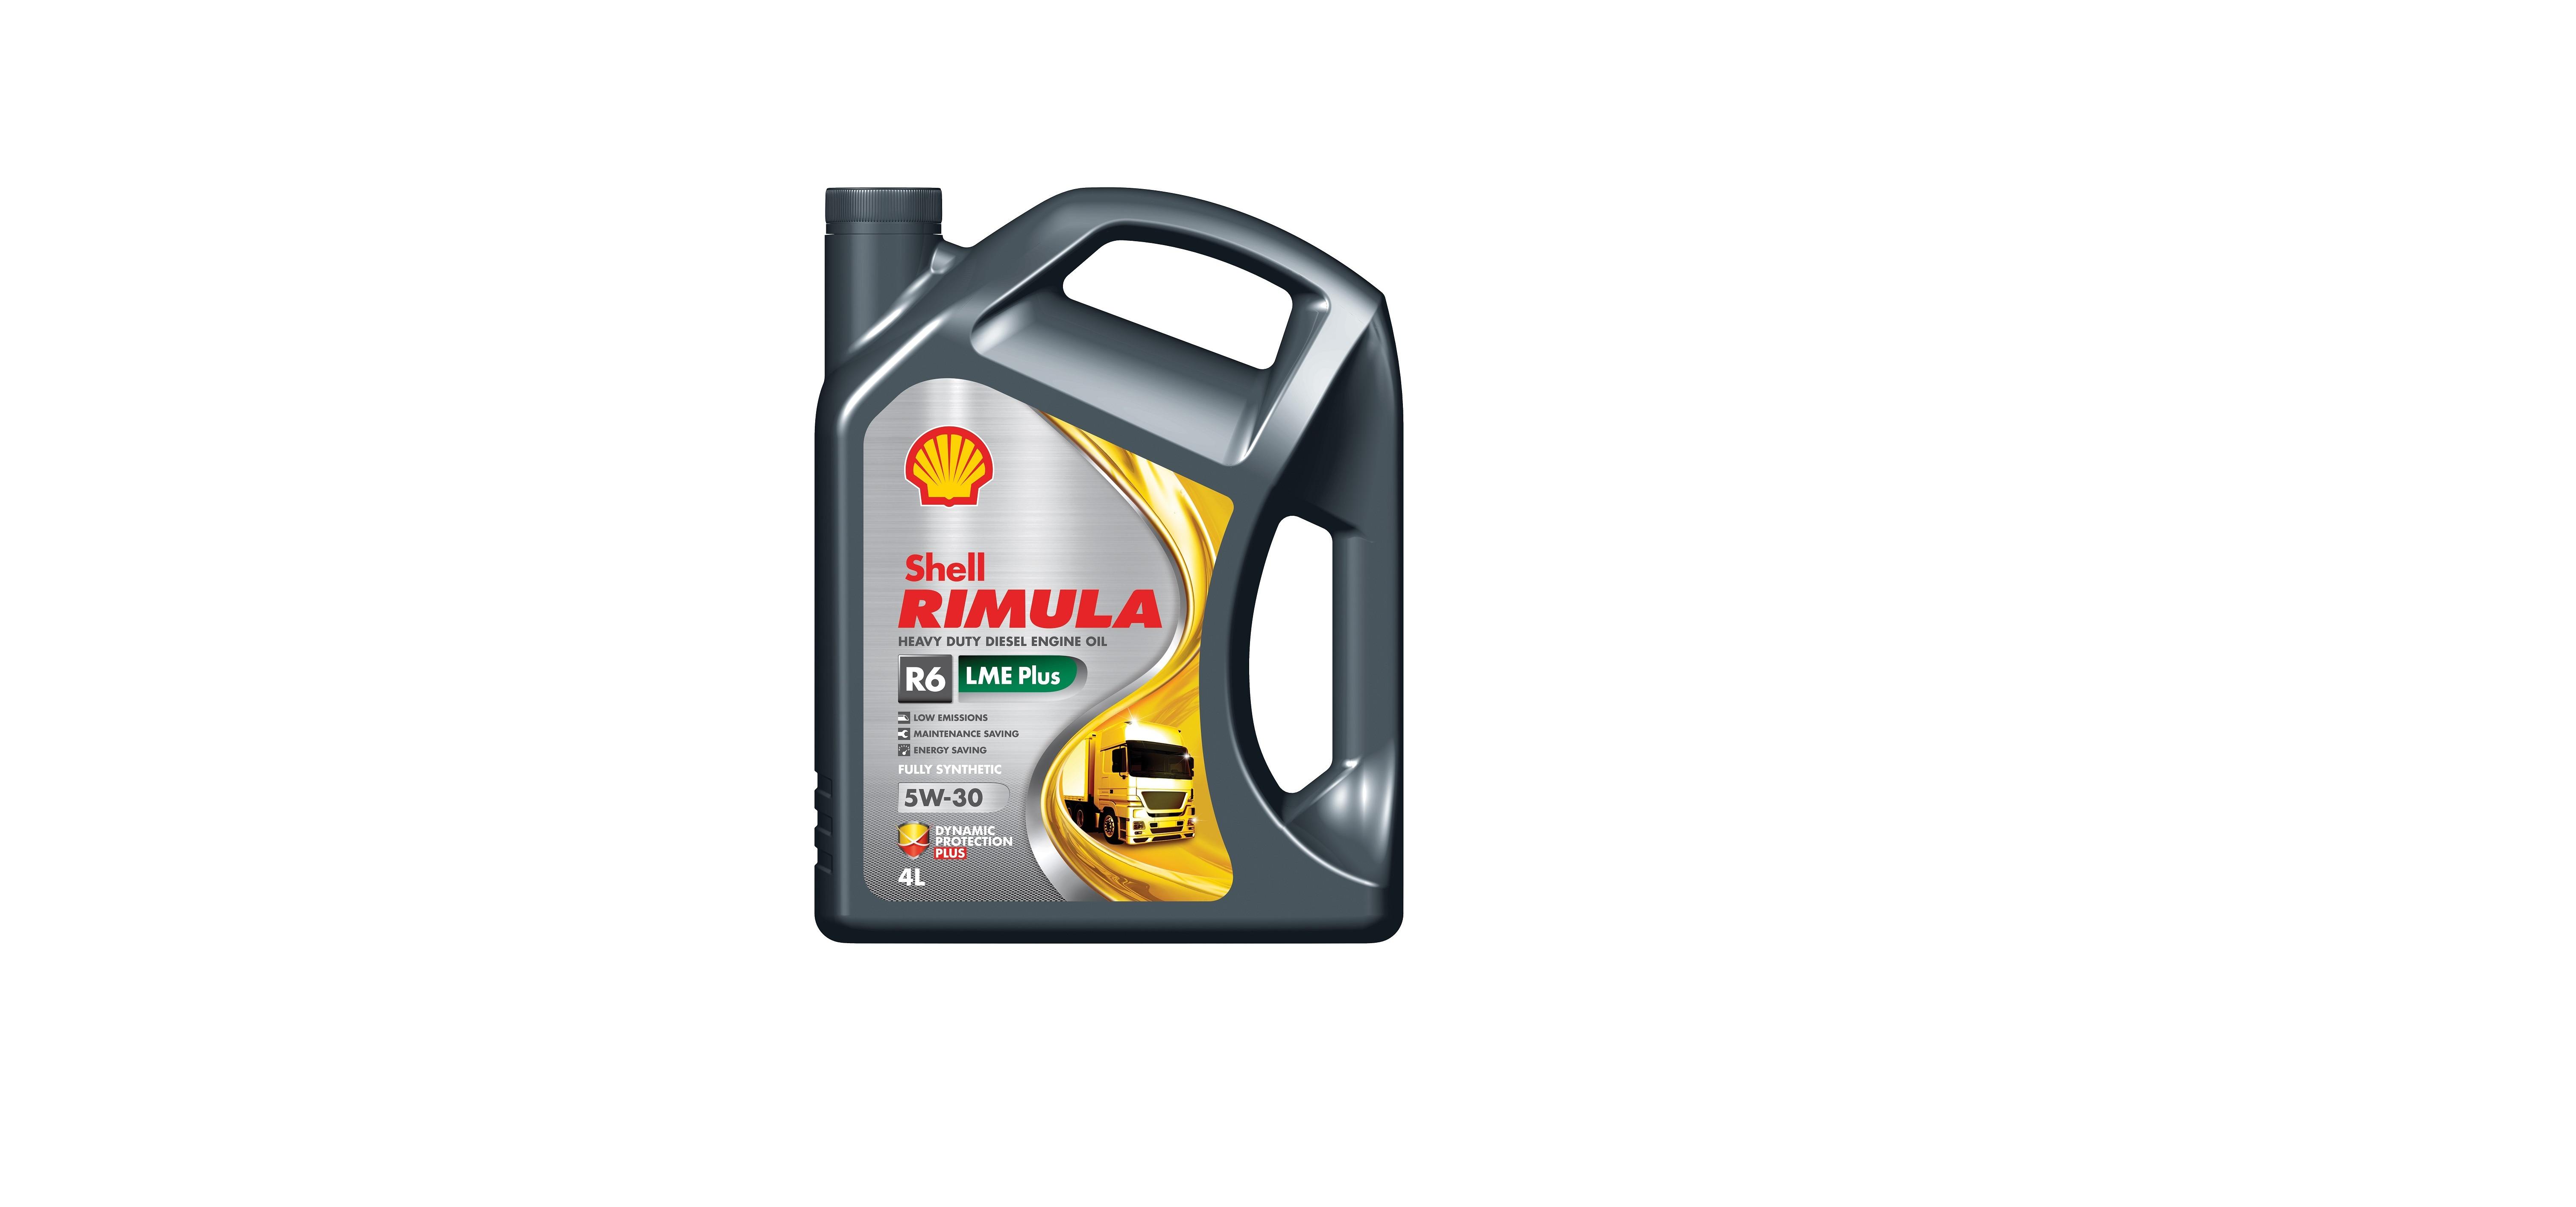 Nowy olej Shell Rimula ze specyfikacją API CK-4